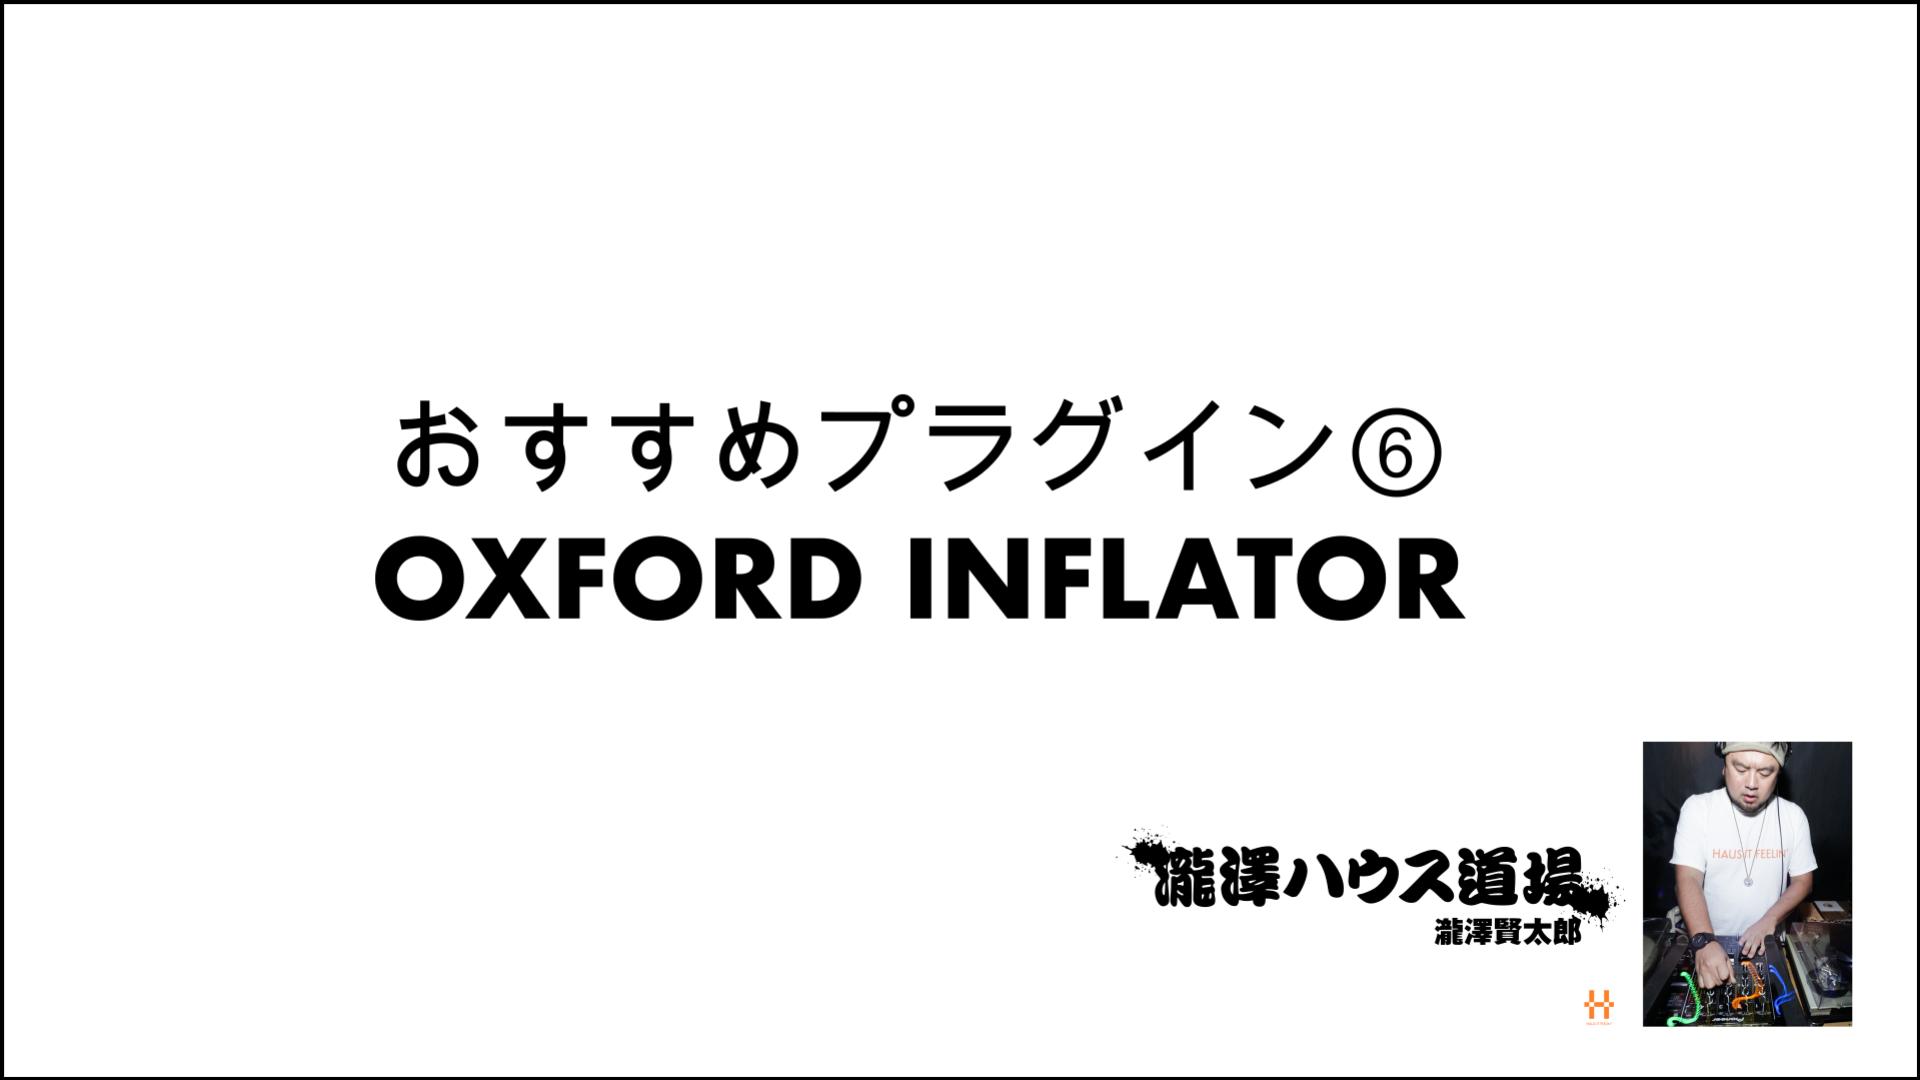 おすすめプラグイン⑥ OXFORD INFLATOR